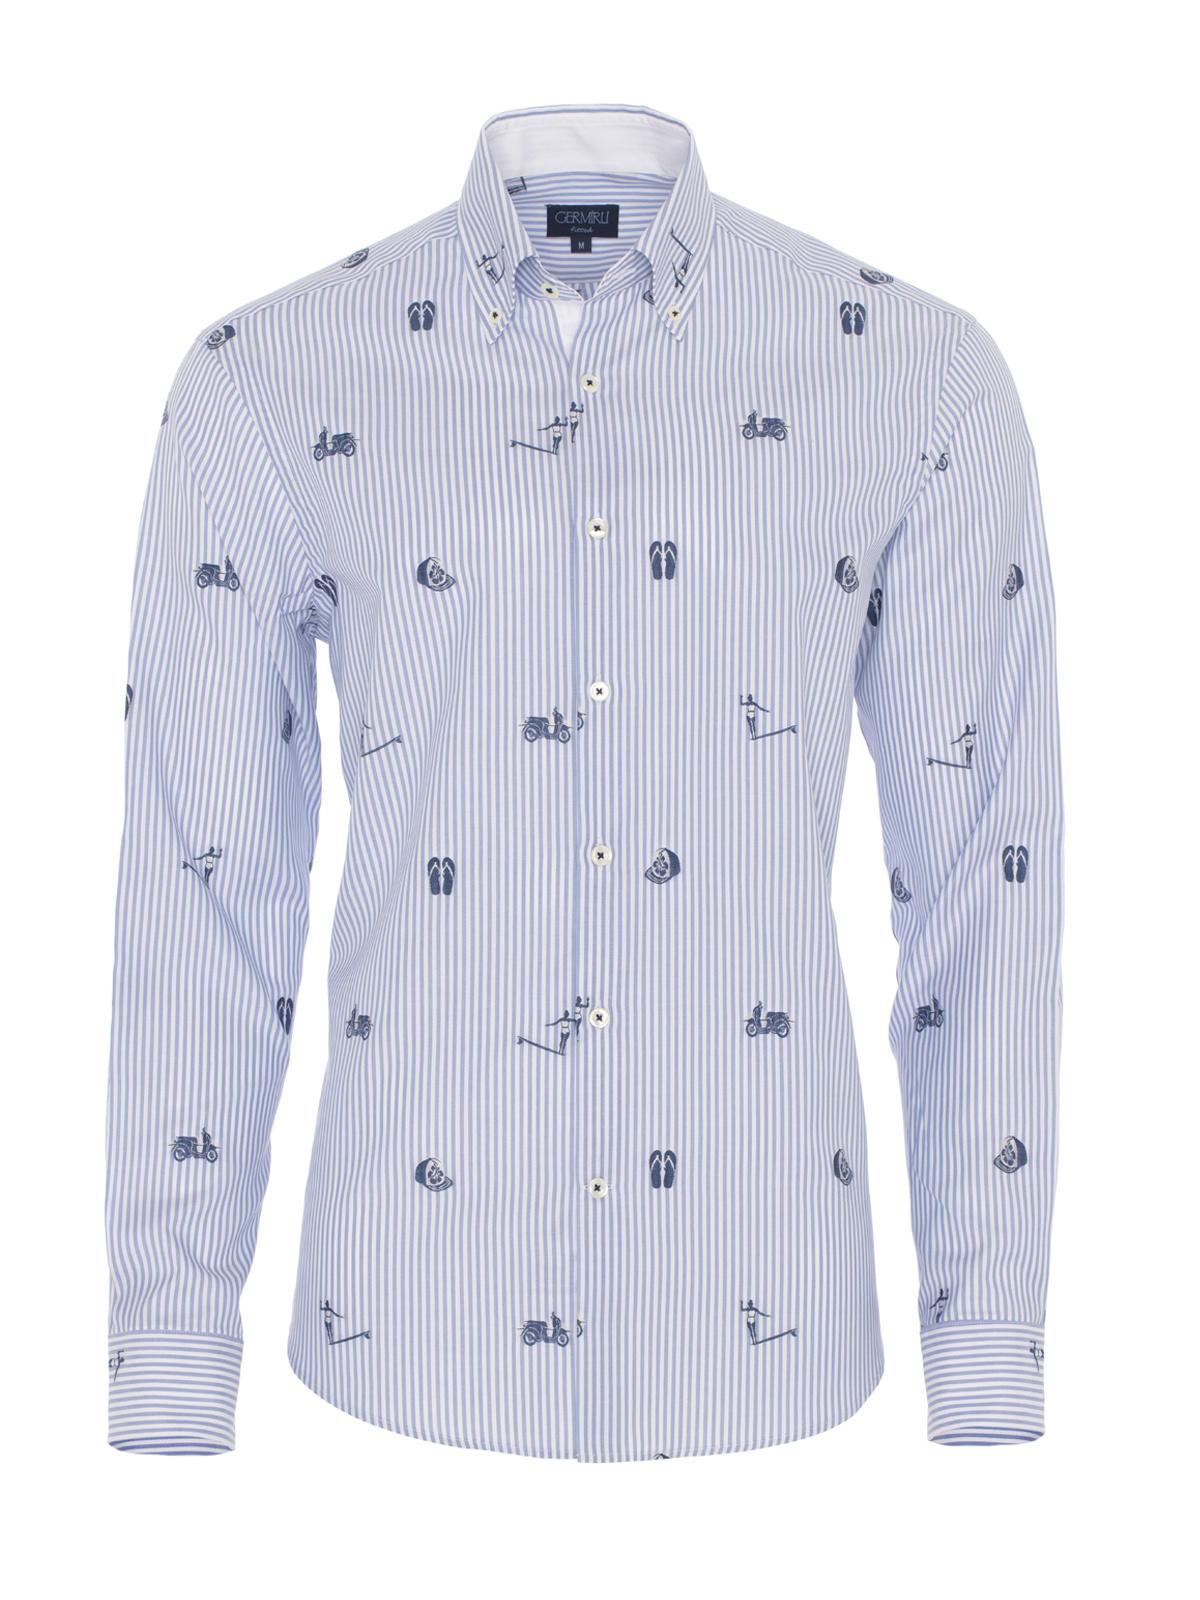 Germirli Mavi Beyaz Baskılı Çizgili Pamuk Düğmeli Yaka Tailor Fit Gömlek